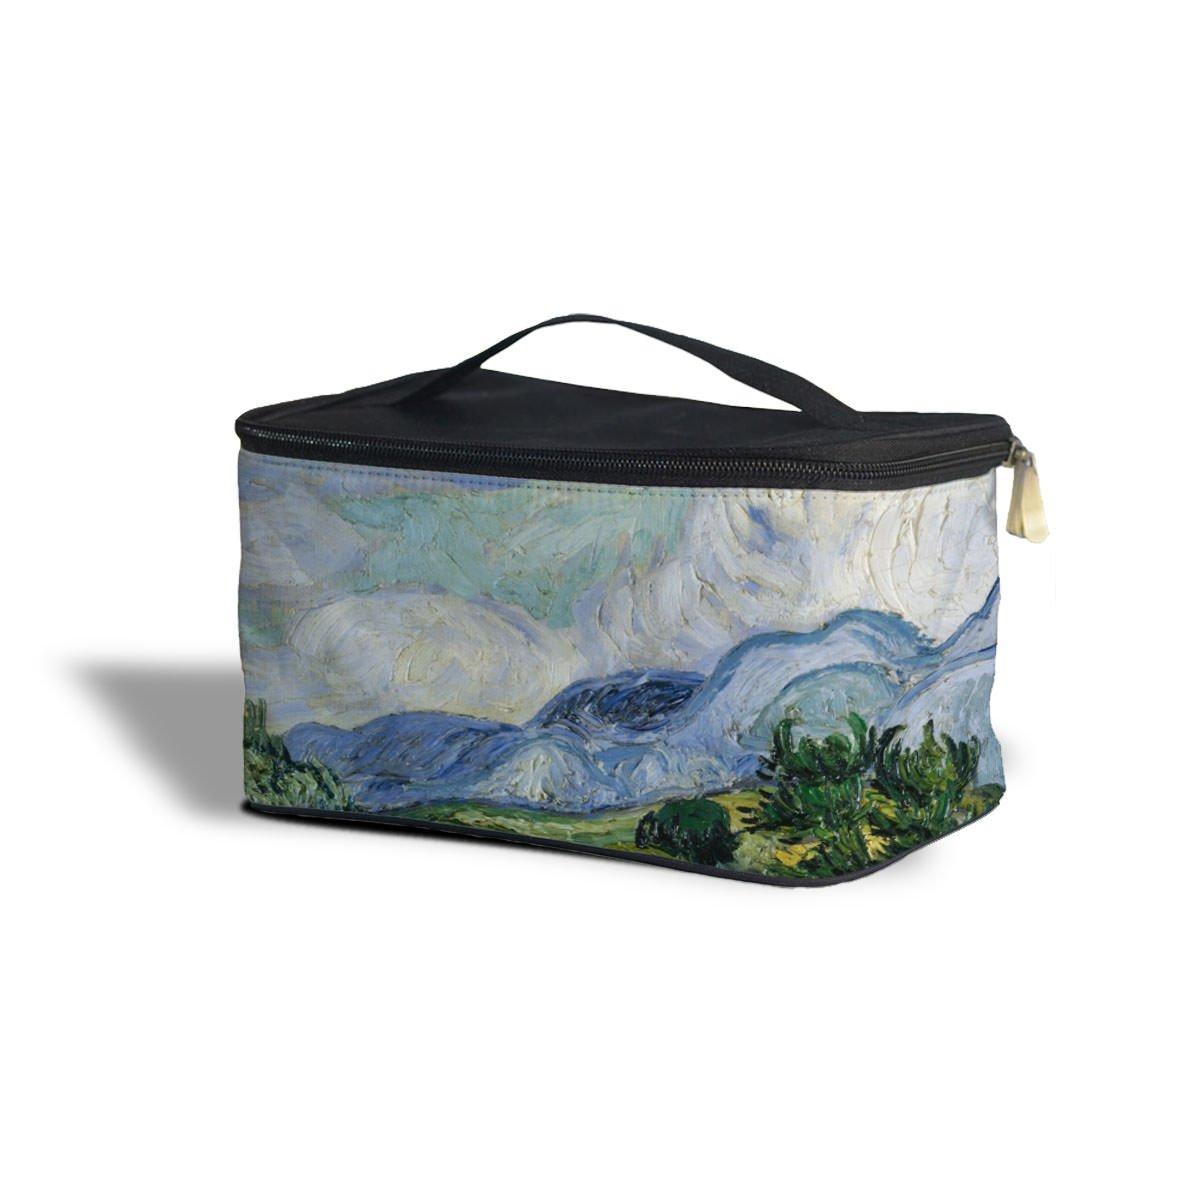 Fine Art de Vincent Van Gogh Peinture cosmétiques boîte de rangement–Maquillage fermeture éclair sac de voyage One Size Cosmetics Storage Case multicolore Queen of Cases